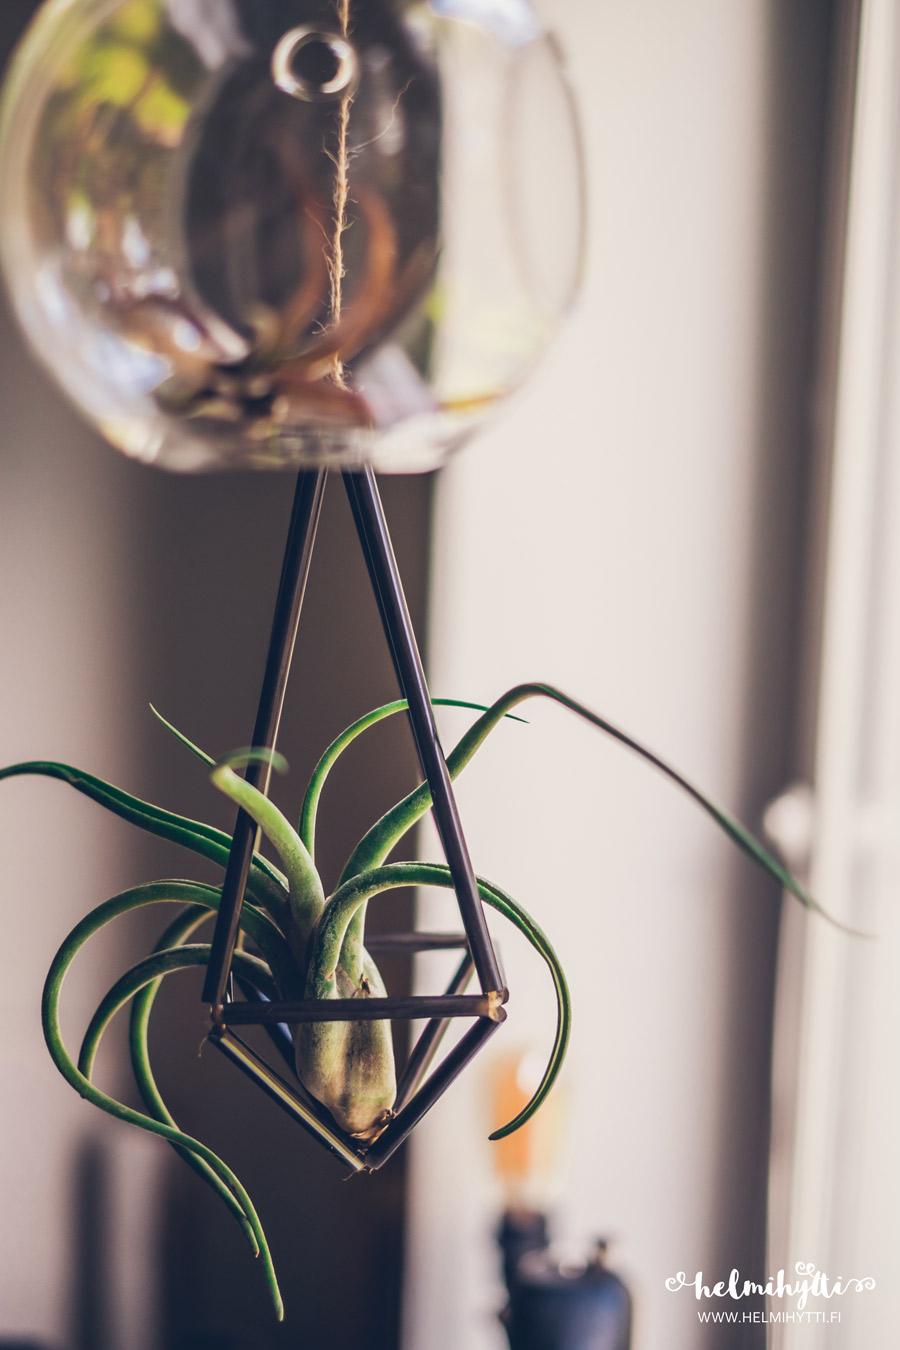 ilmakasvit-diy-amppeli